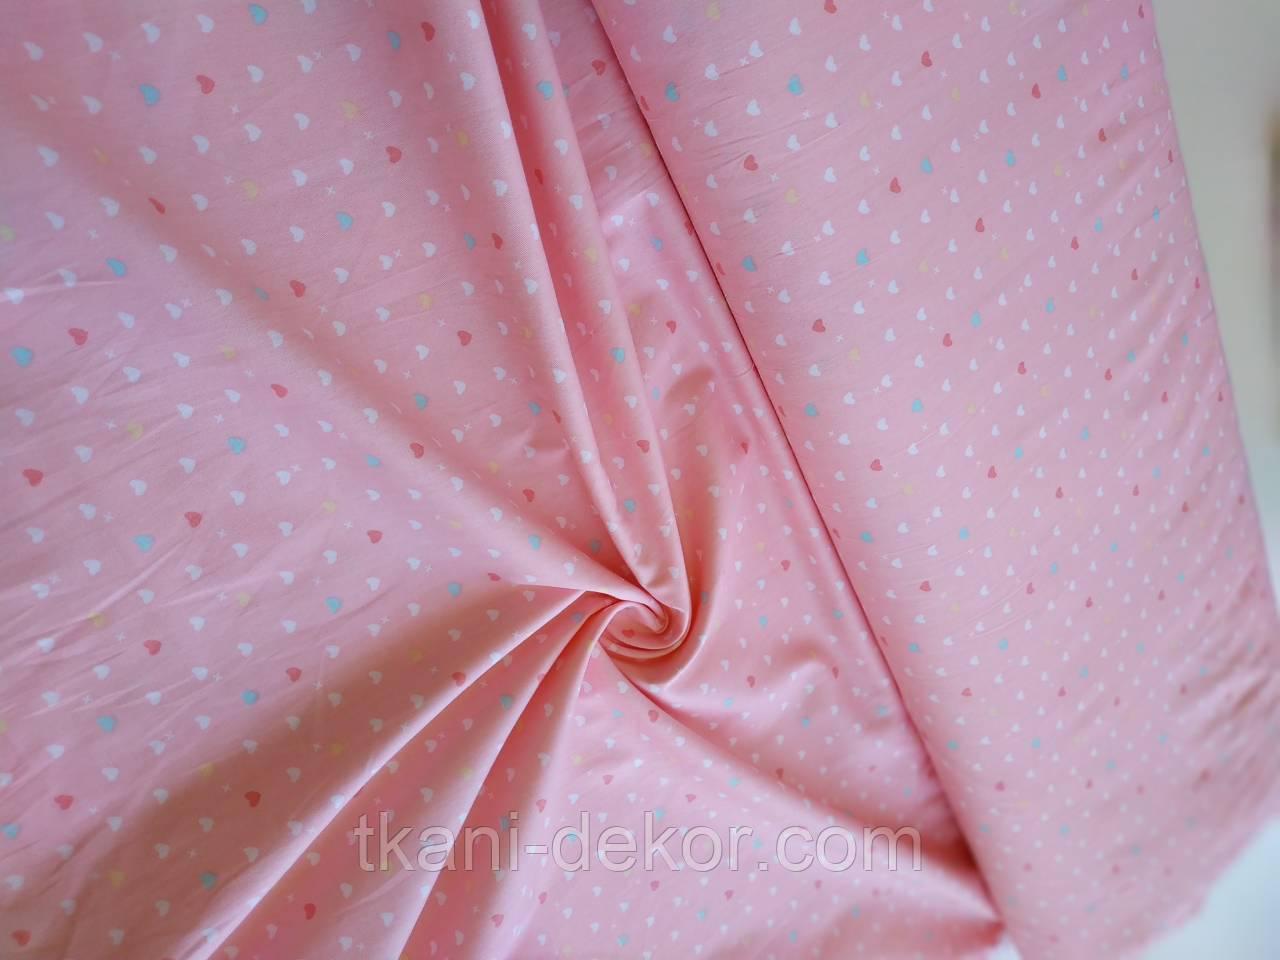 Сатин (хлопковая ткань) на персике цветные сердечки (75*160)